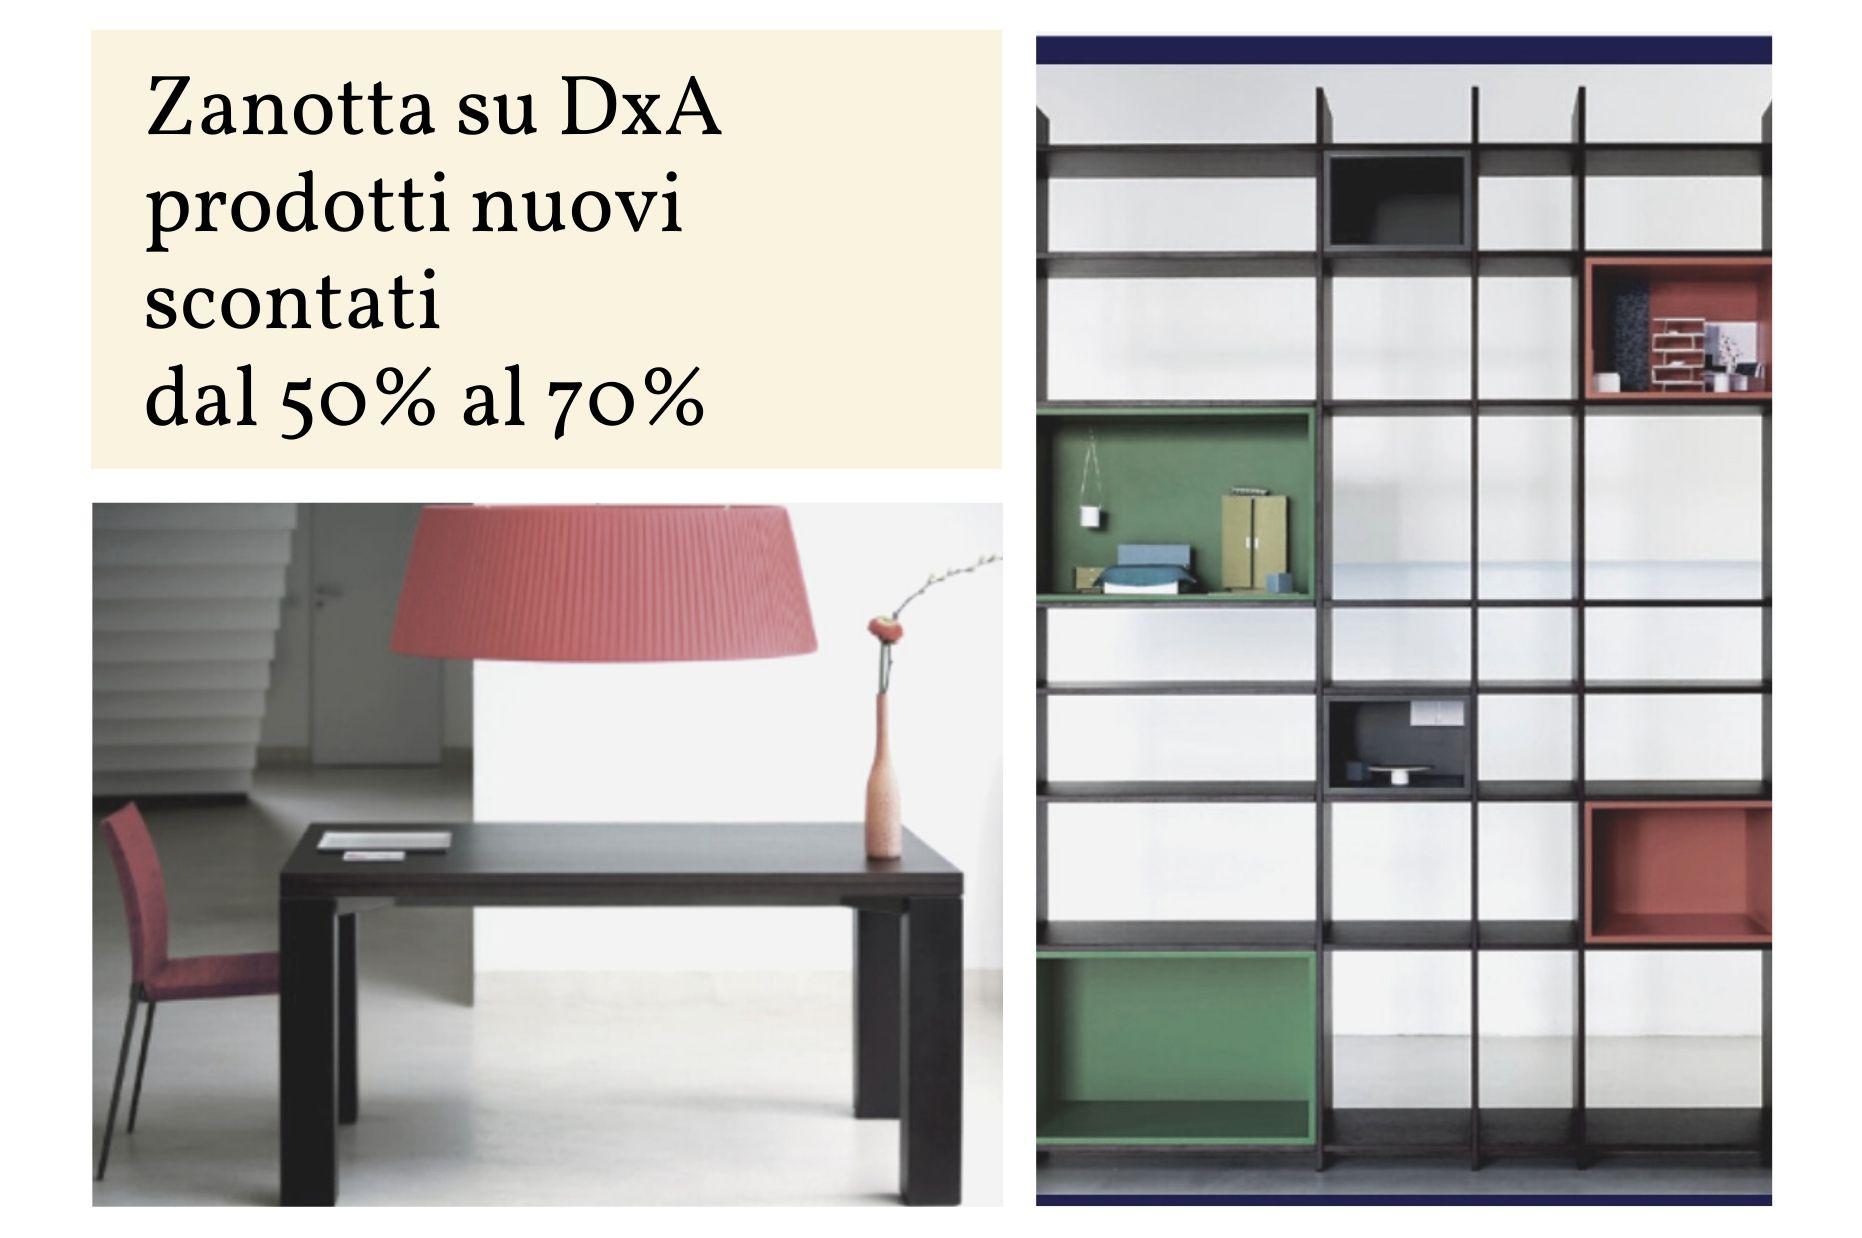 Zanotta su DxA Sconti dal 50% al 70%